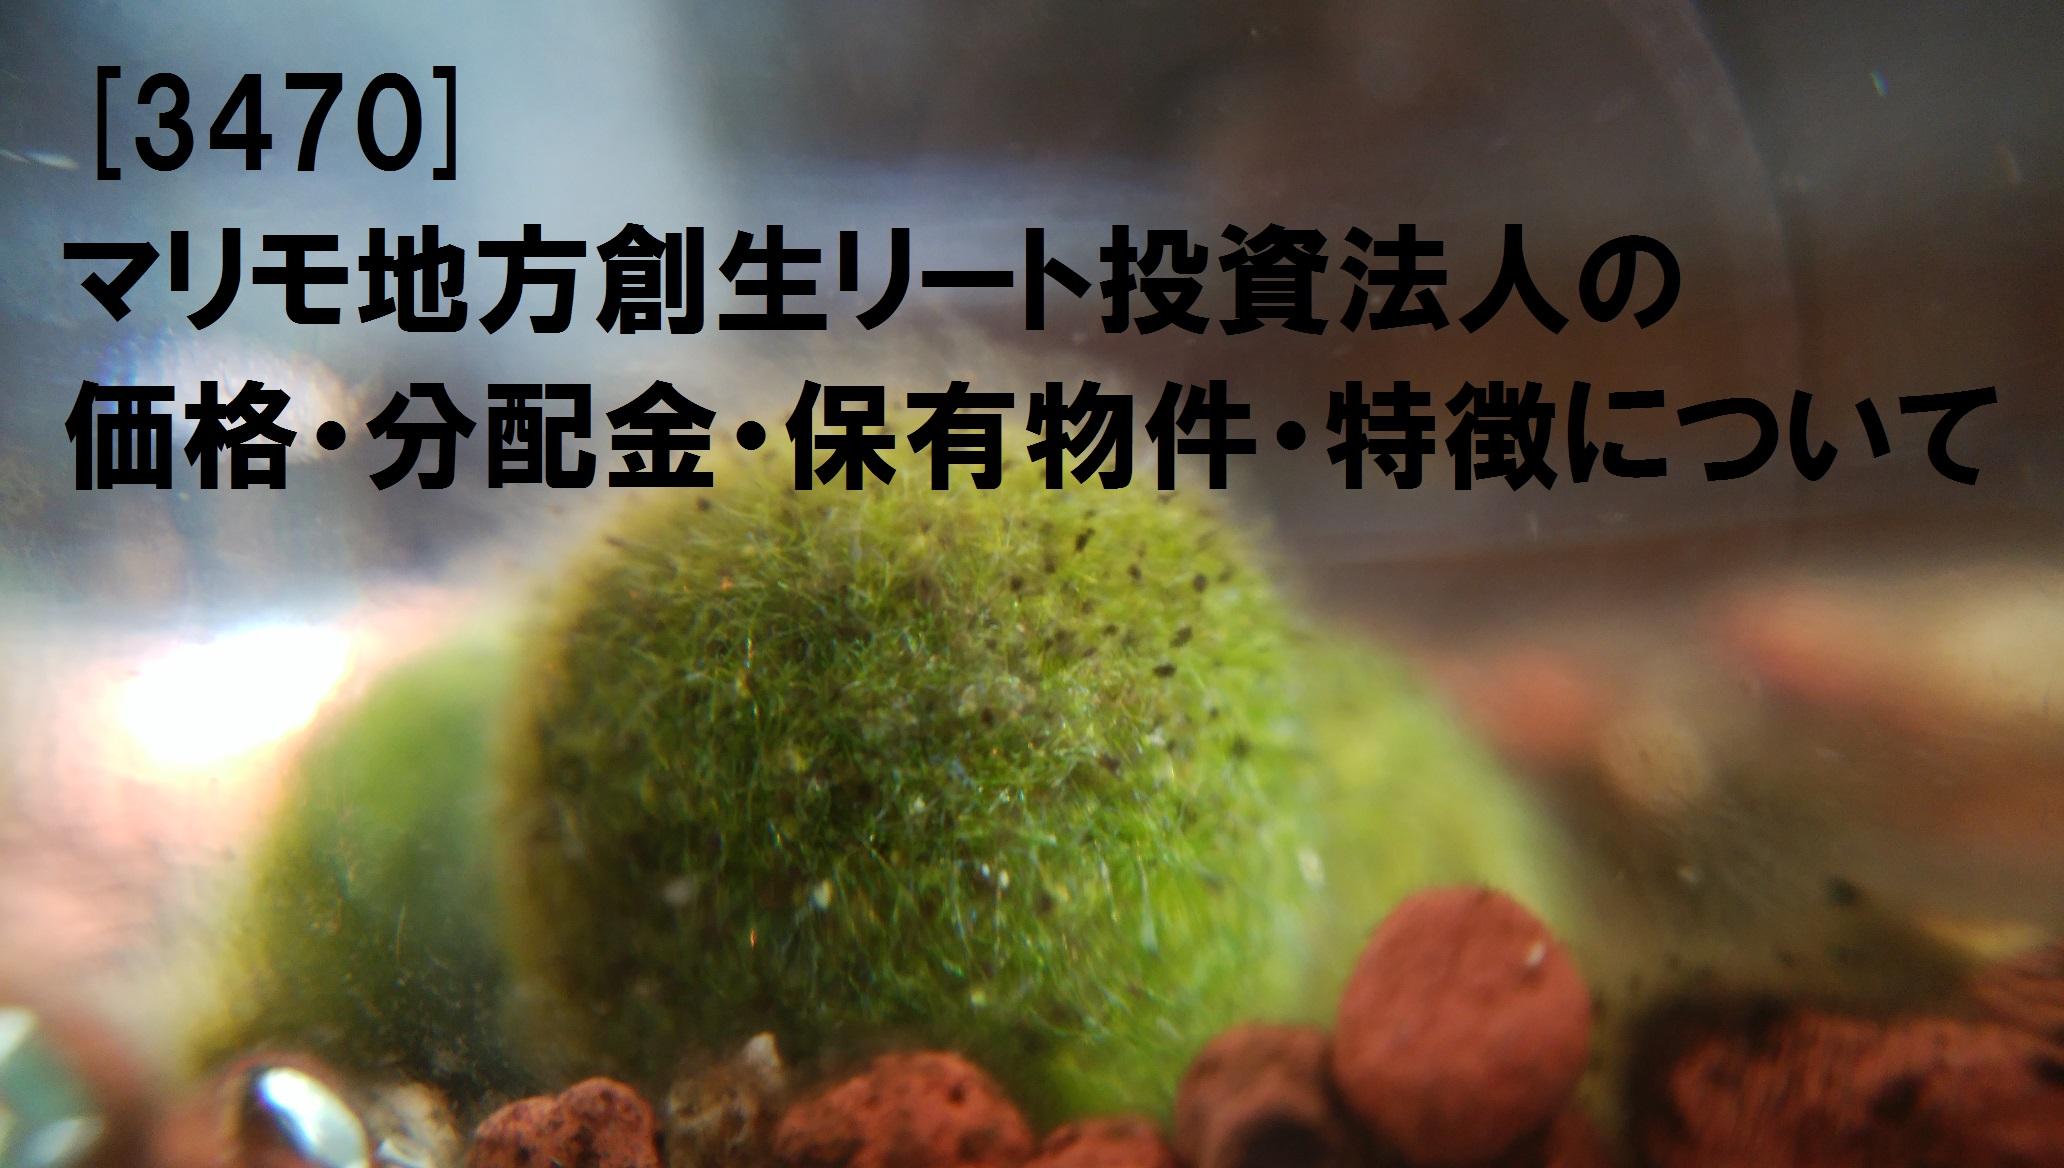 [3470]マリモ地方創生リート投資法人の価格・分配金・保有物件・特徴について